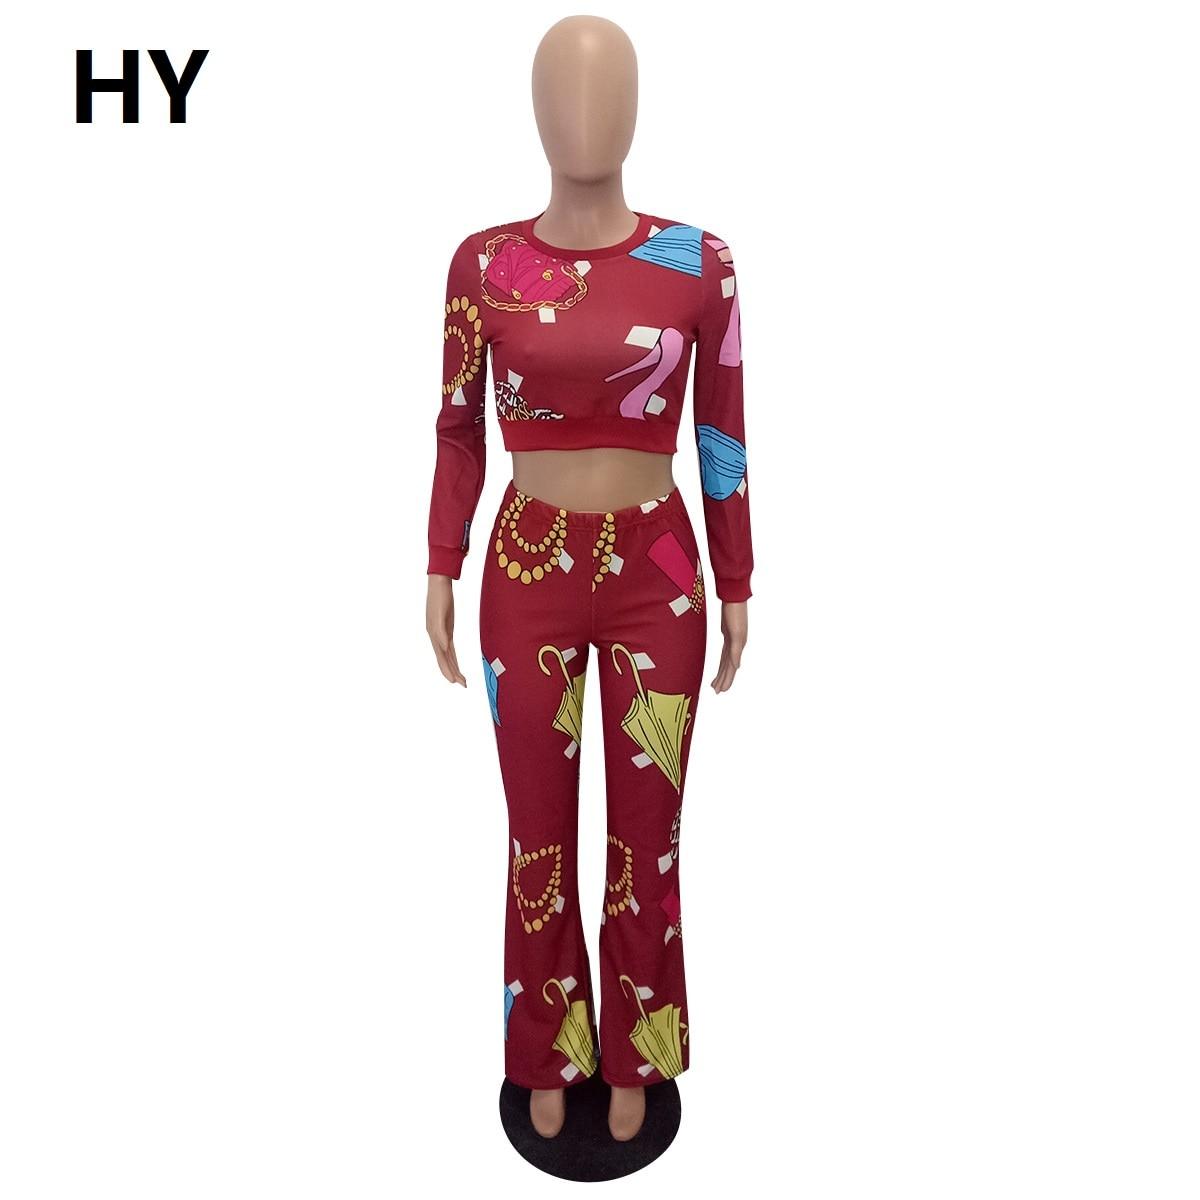 Новый Tailleur Femme Повседневное Для женщин сексуальная ползунки комплект из 2 частей Растениеводство Топ с длинным рукавом Playsuit свободные Bodycon к...